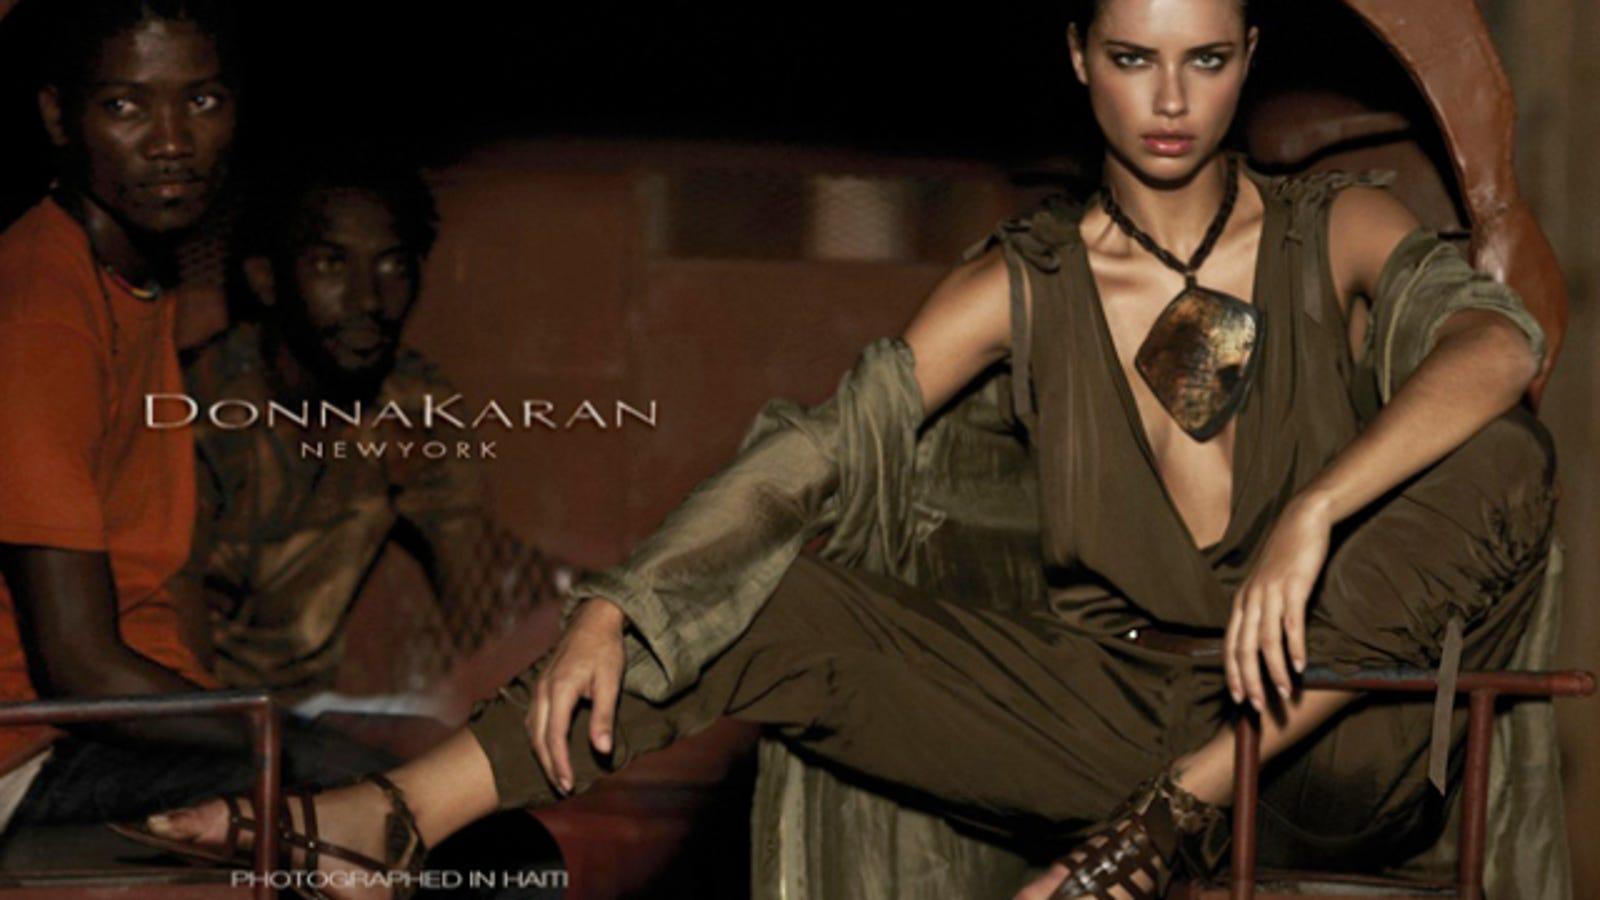 7ec442bd14b47 Donna Karan Shoots Ad Campaign In Haiti